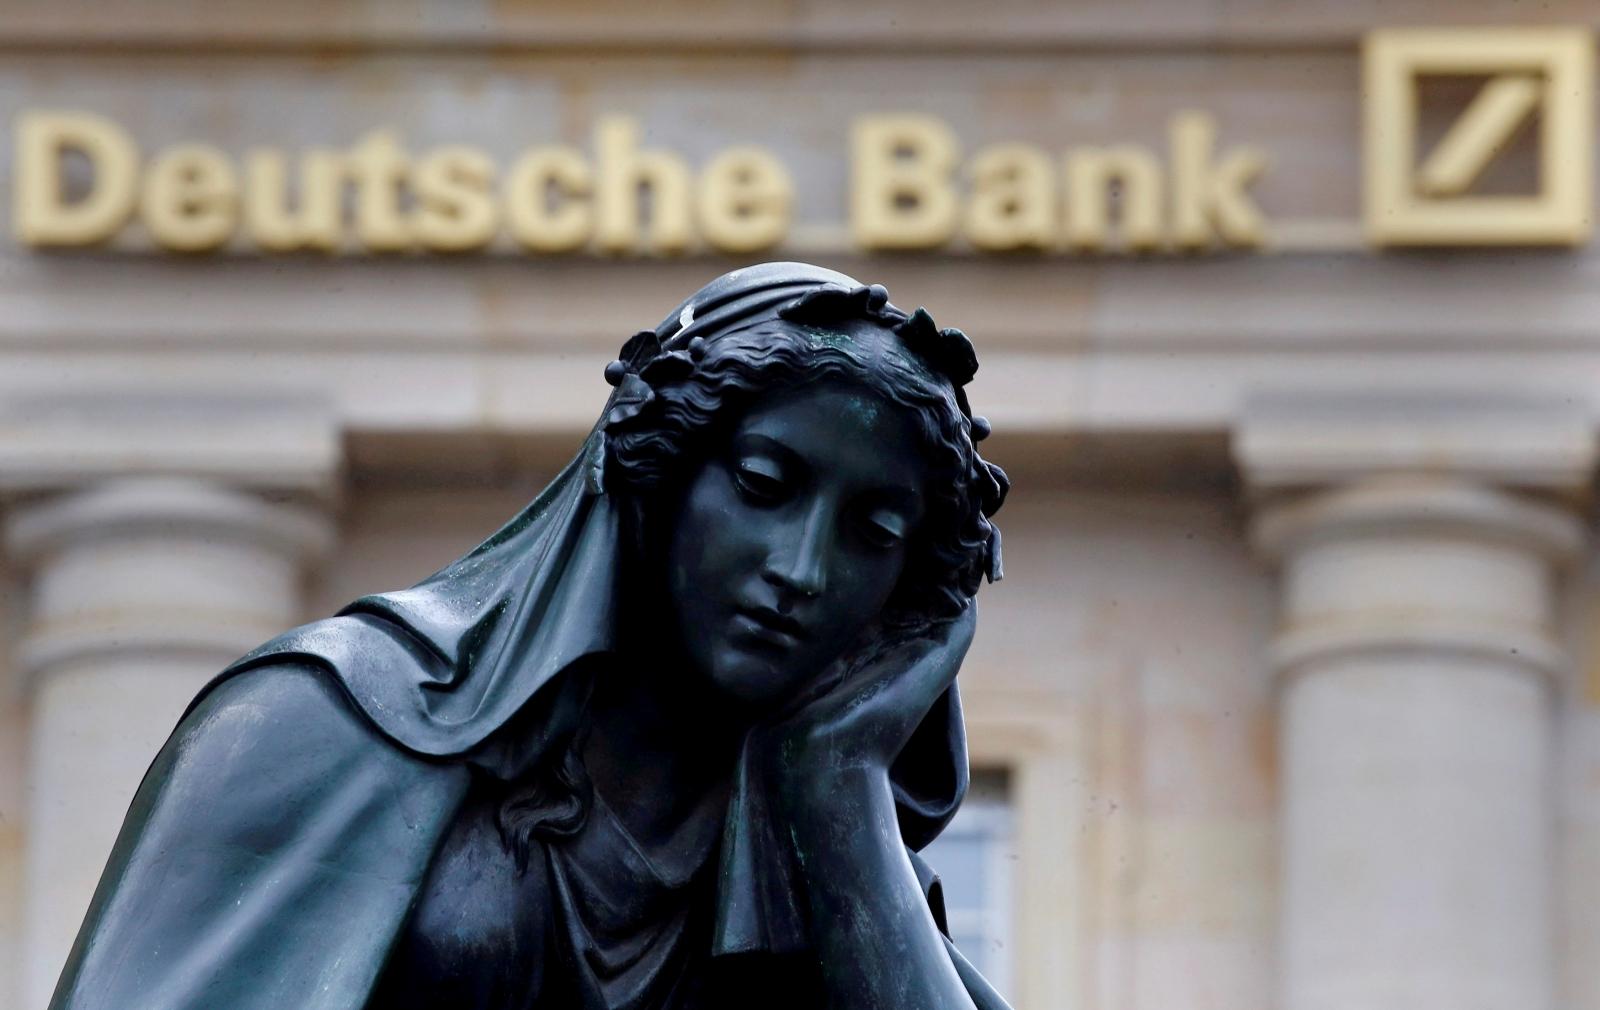 Most Asian markets decline amid Deutsche bank concerns